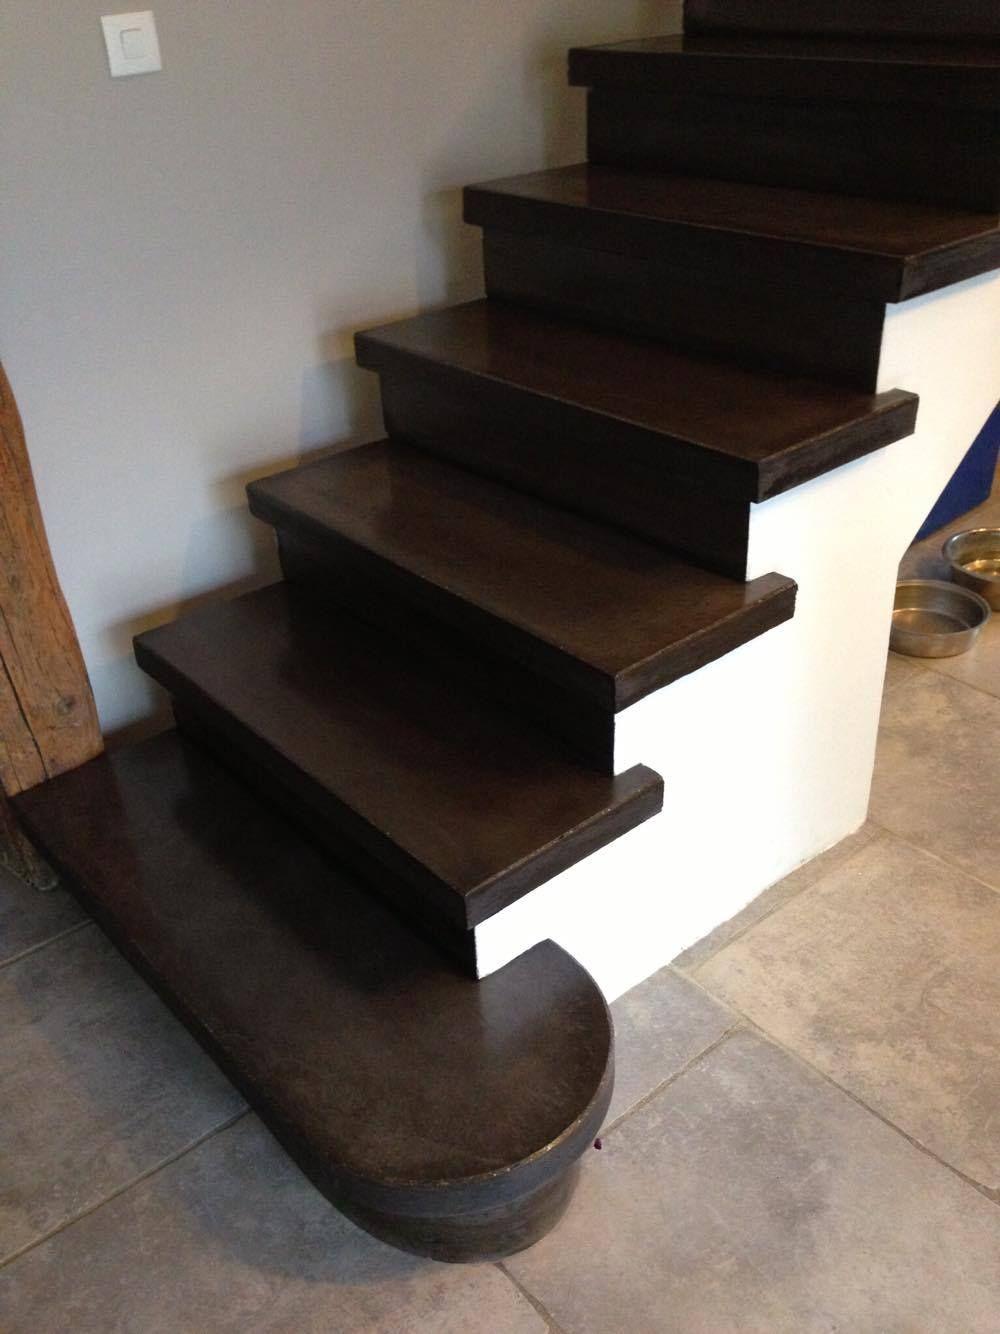 Marche De Depart Arrondi Nez De Marche Carre Limon Platree Escalier Beton Beton Teinte Escalier